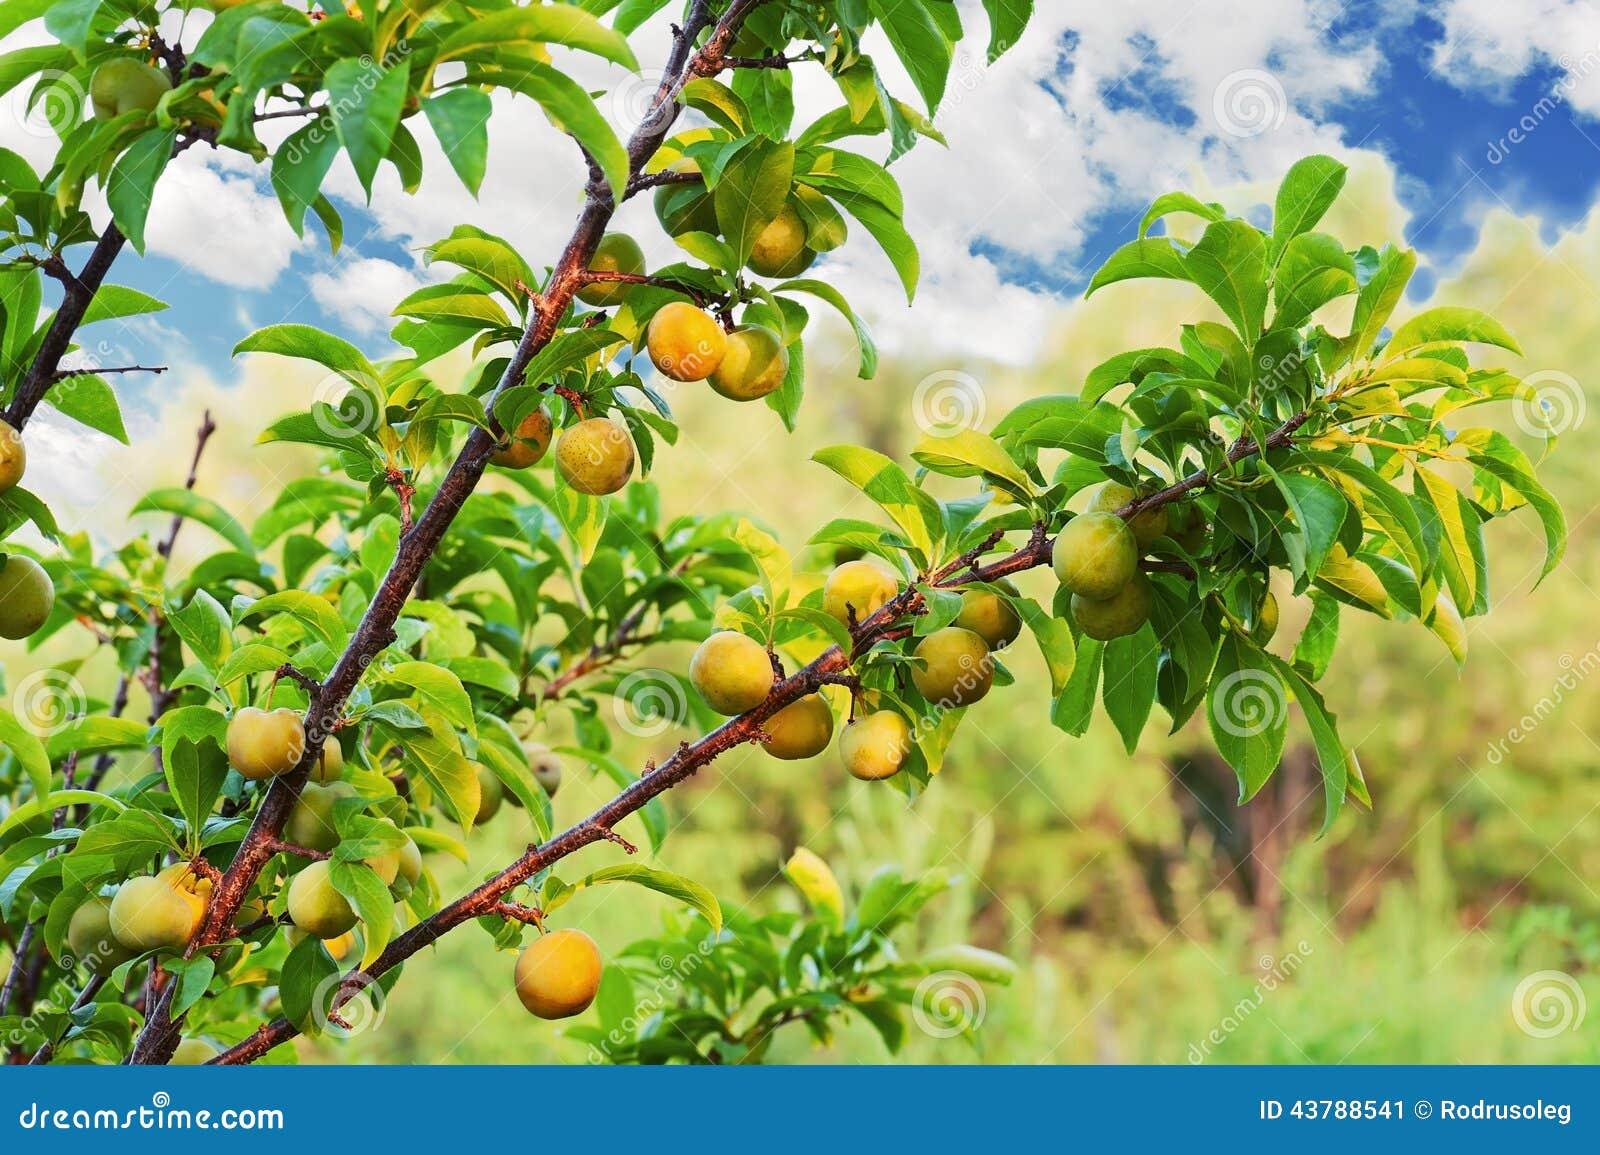 Rbol de ciruelo amarillo con el crecimiento de frutas en for Arbol ciruelo de jardin